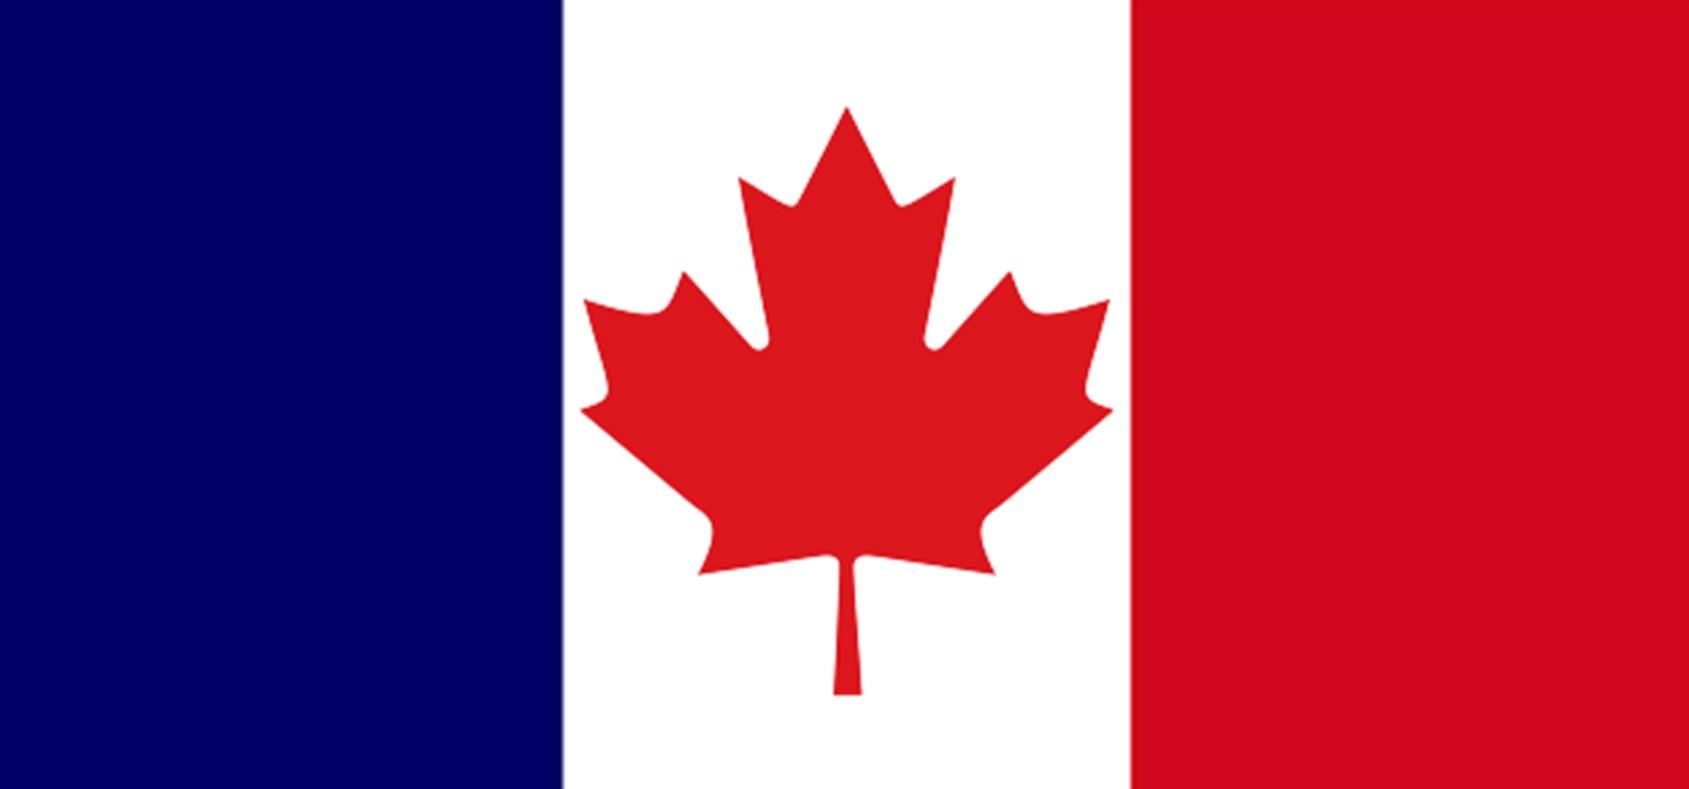 Séjour linguistique Canada : Un pays incontournable ?